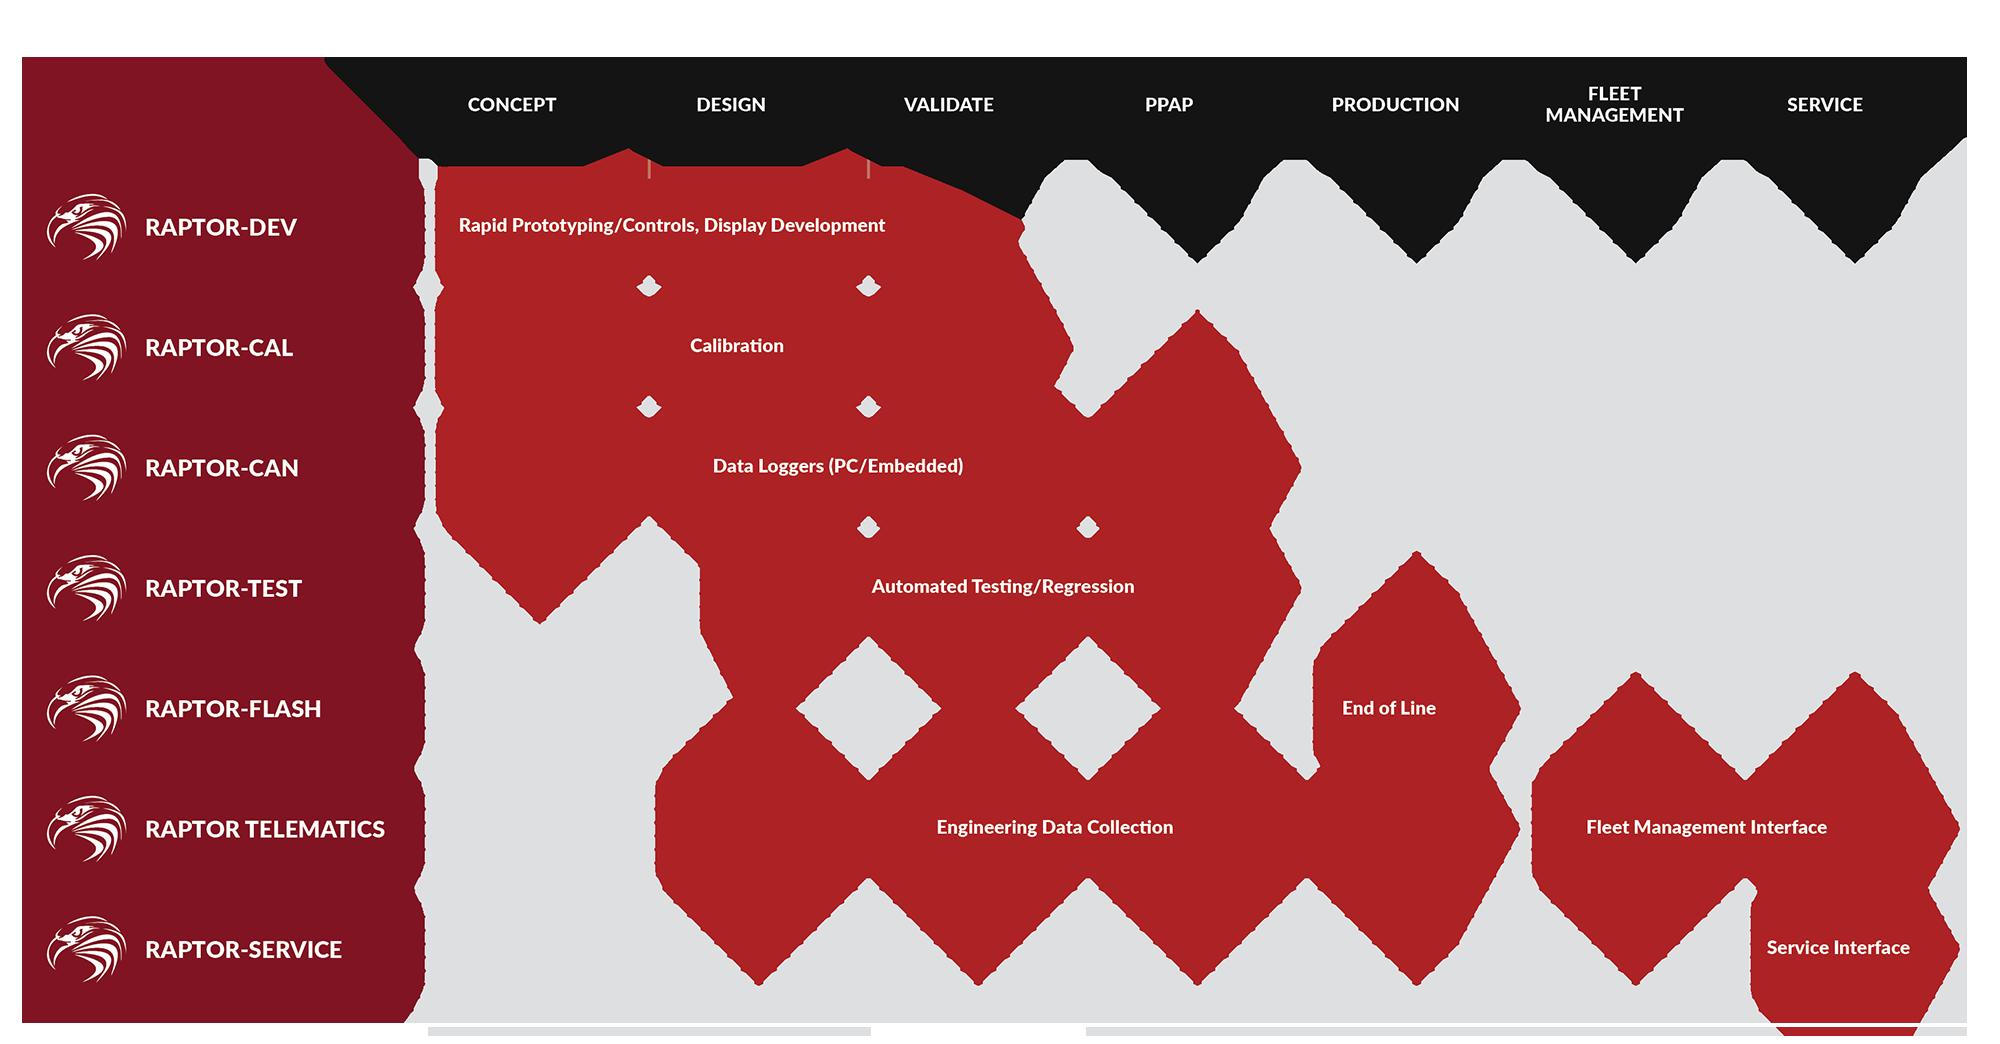 Raptor Platform Overview chart